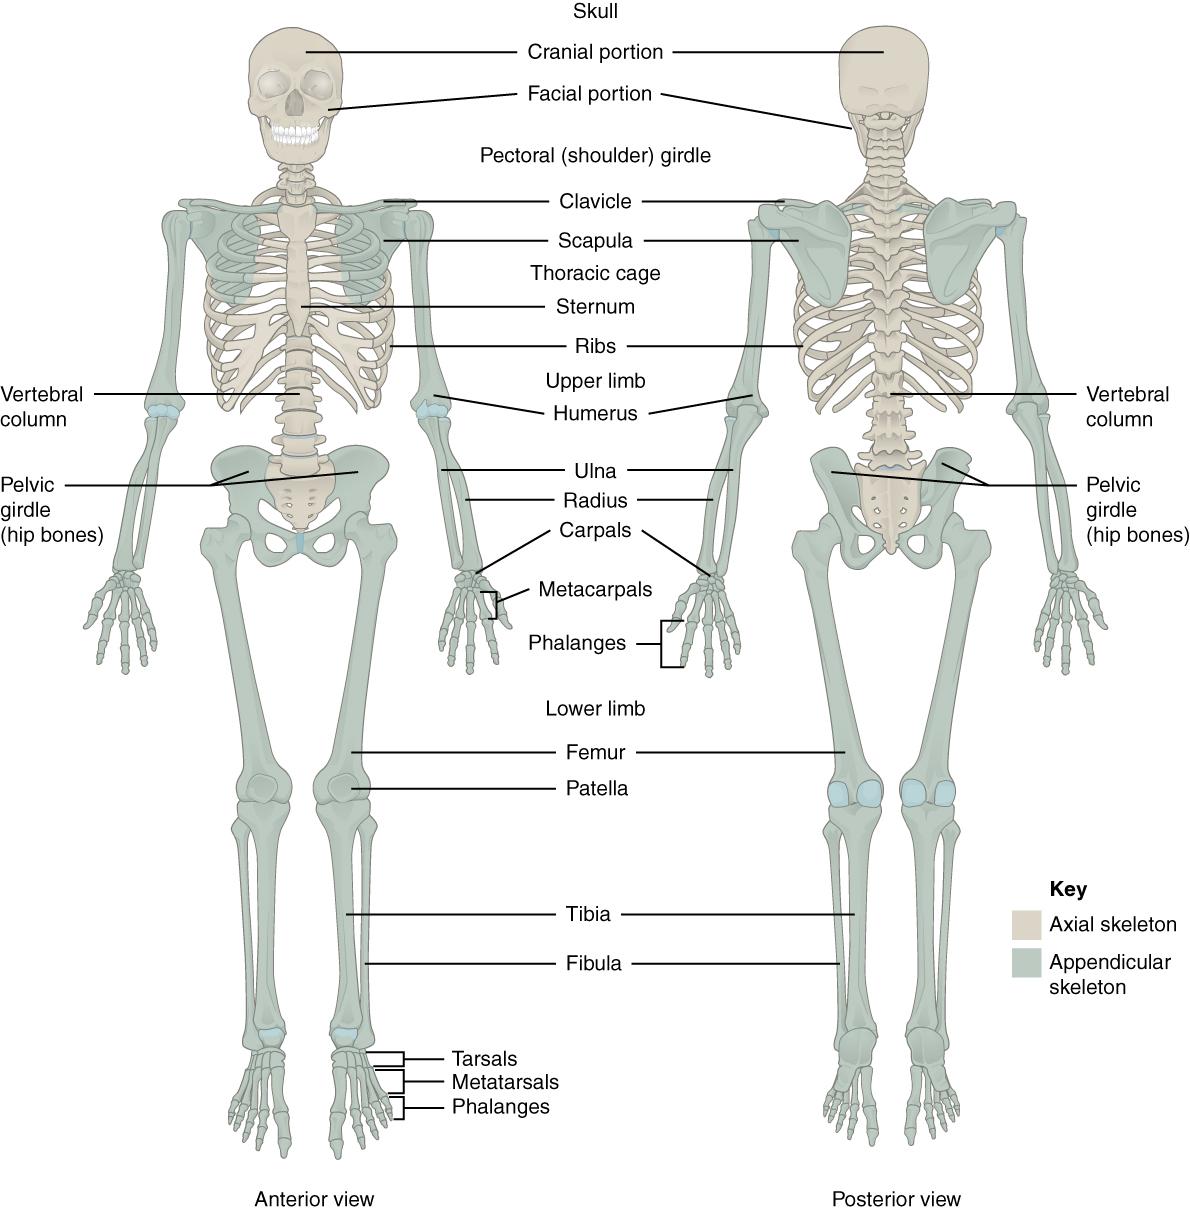 11.2.2 Skeleton